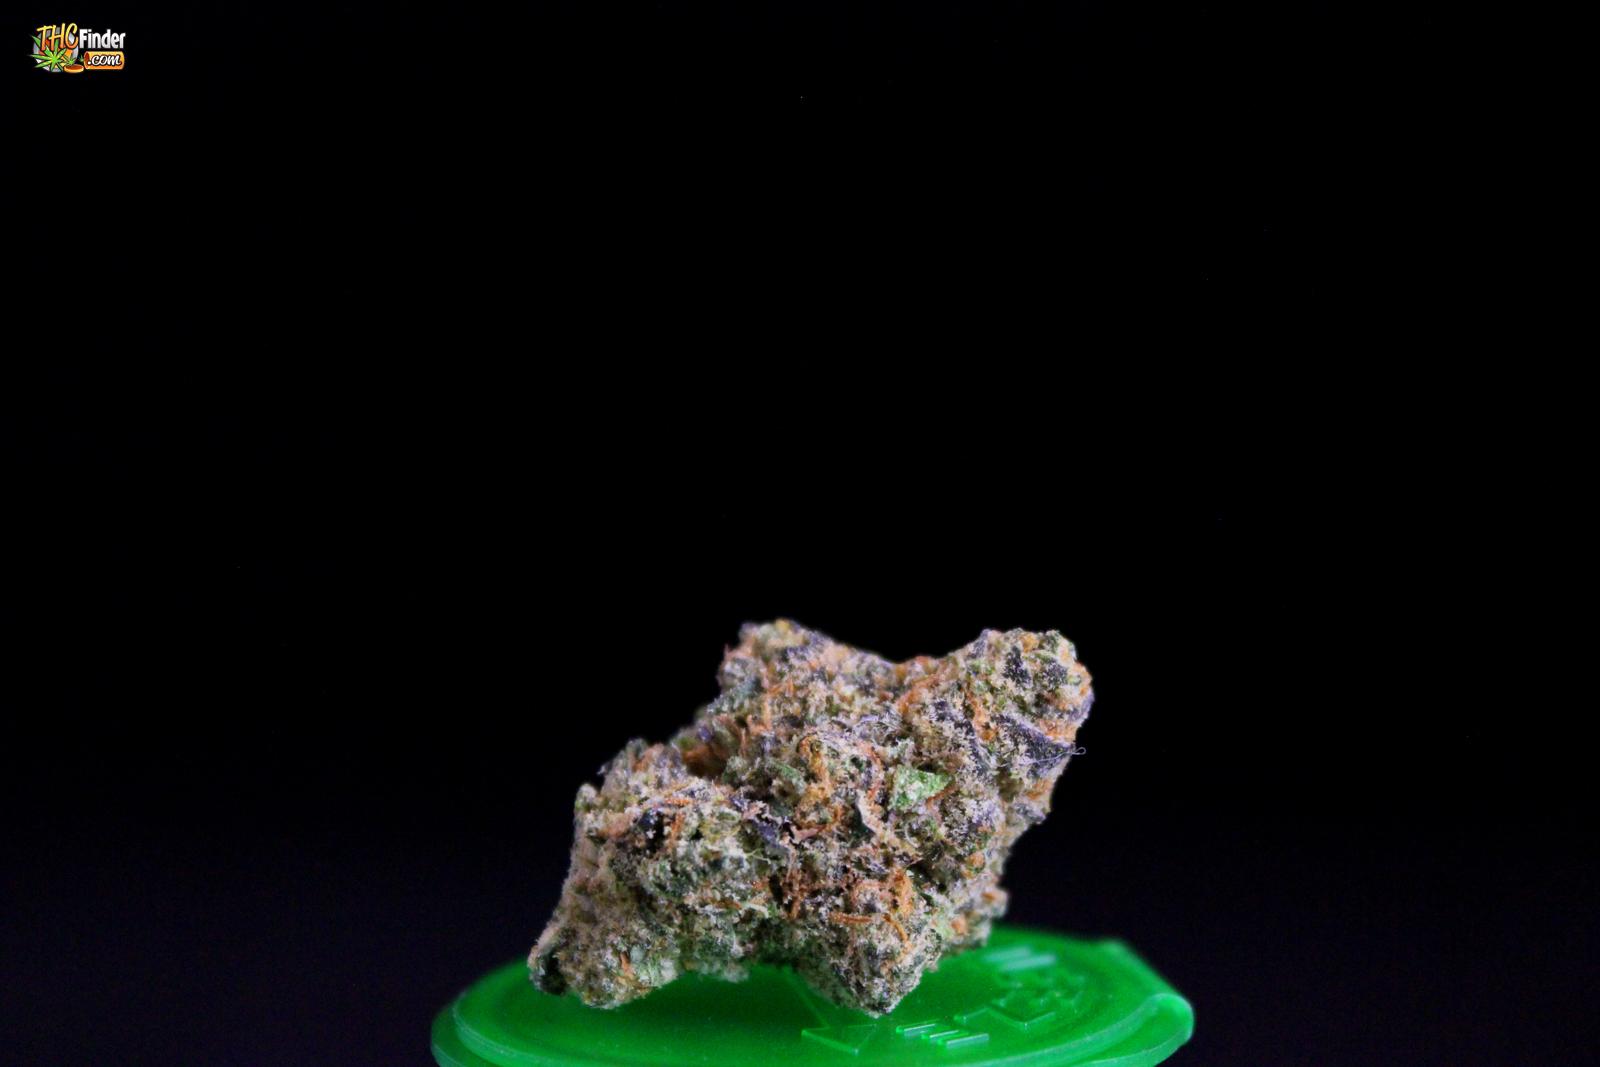 gsccannabis